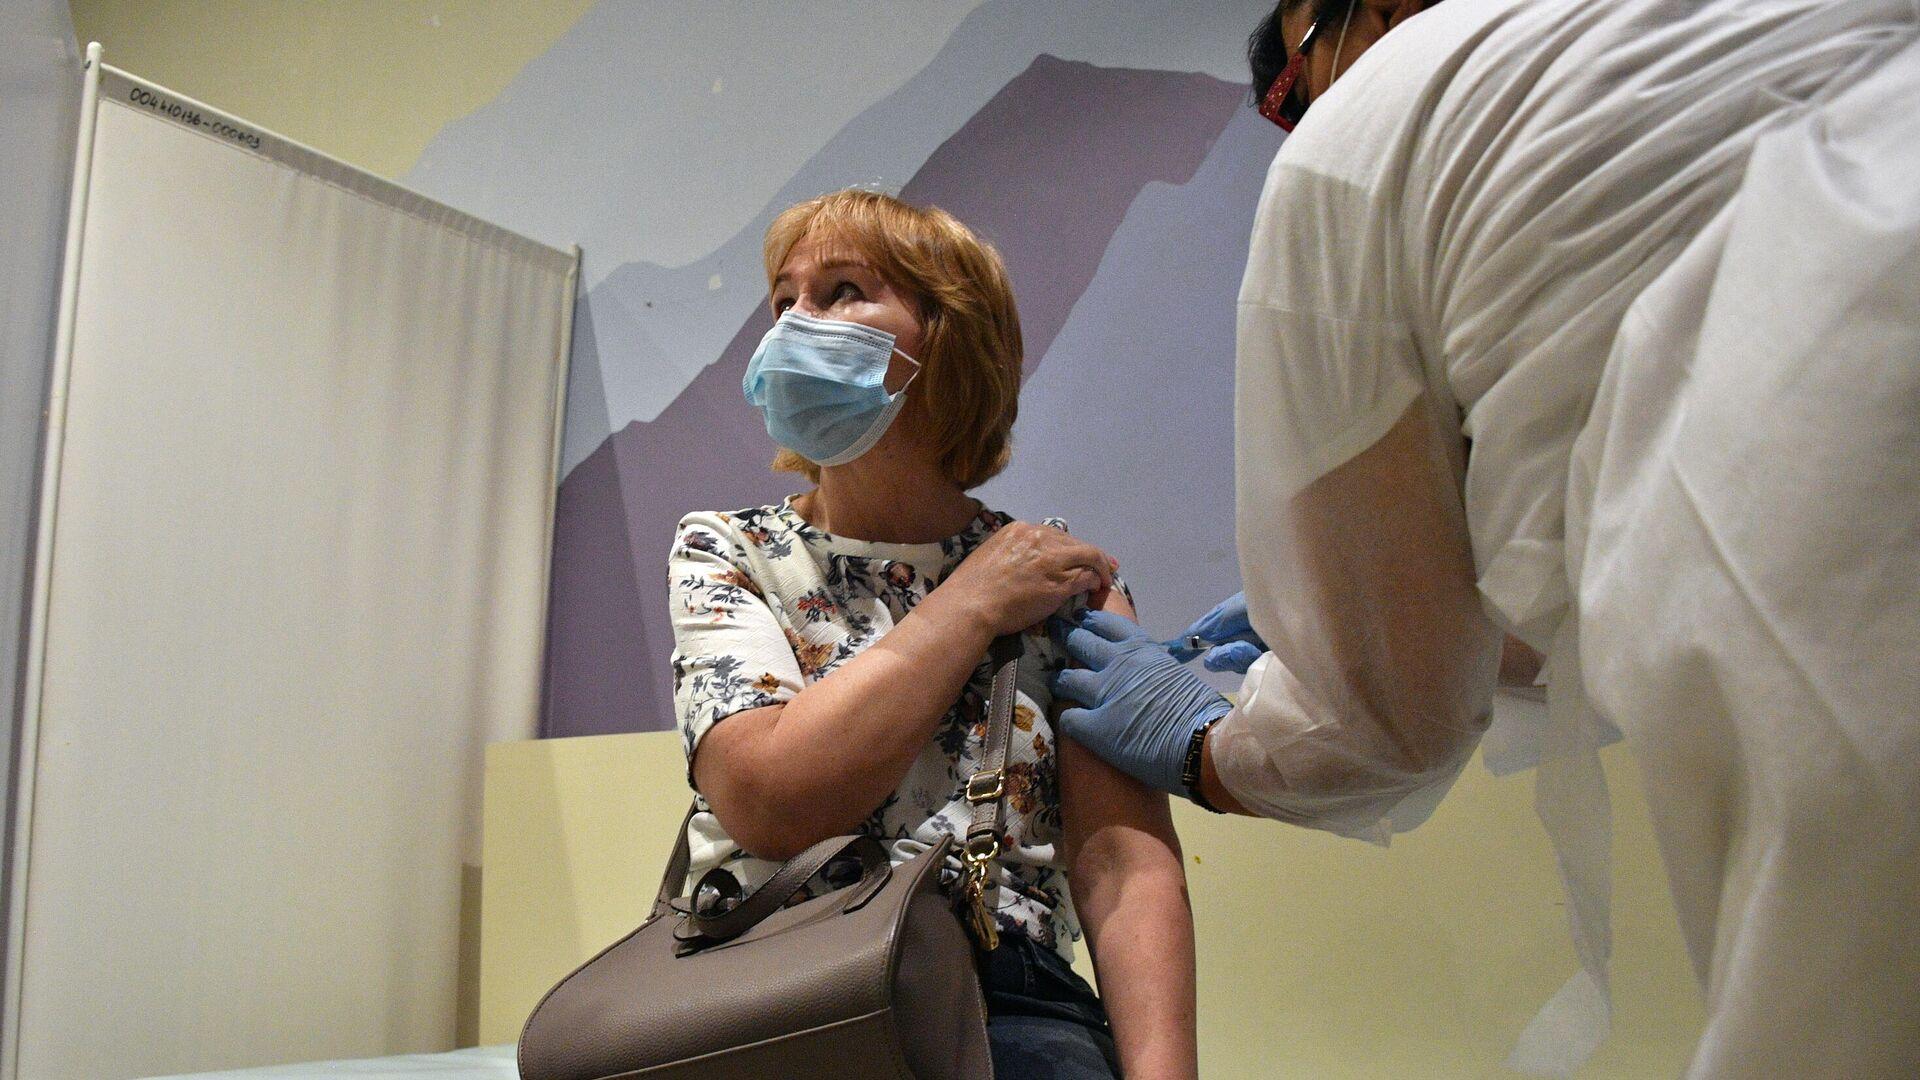 Женщина вакцинируется от COVID-19 препаратом ЭпиВакКорона в ТРЦ Океания - РИА Новости, 1920, 18.06.2021